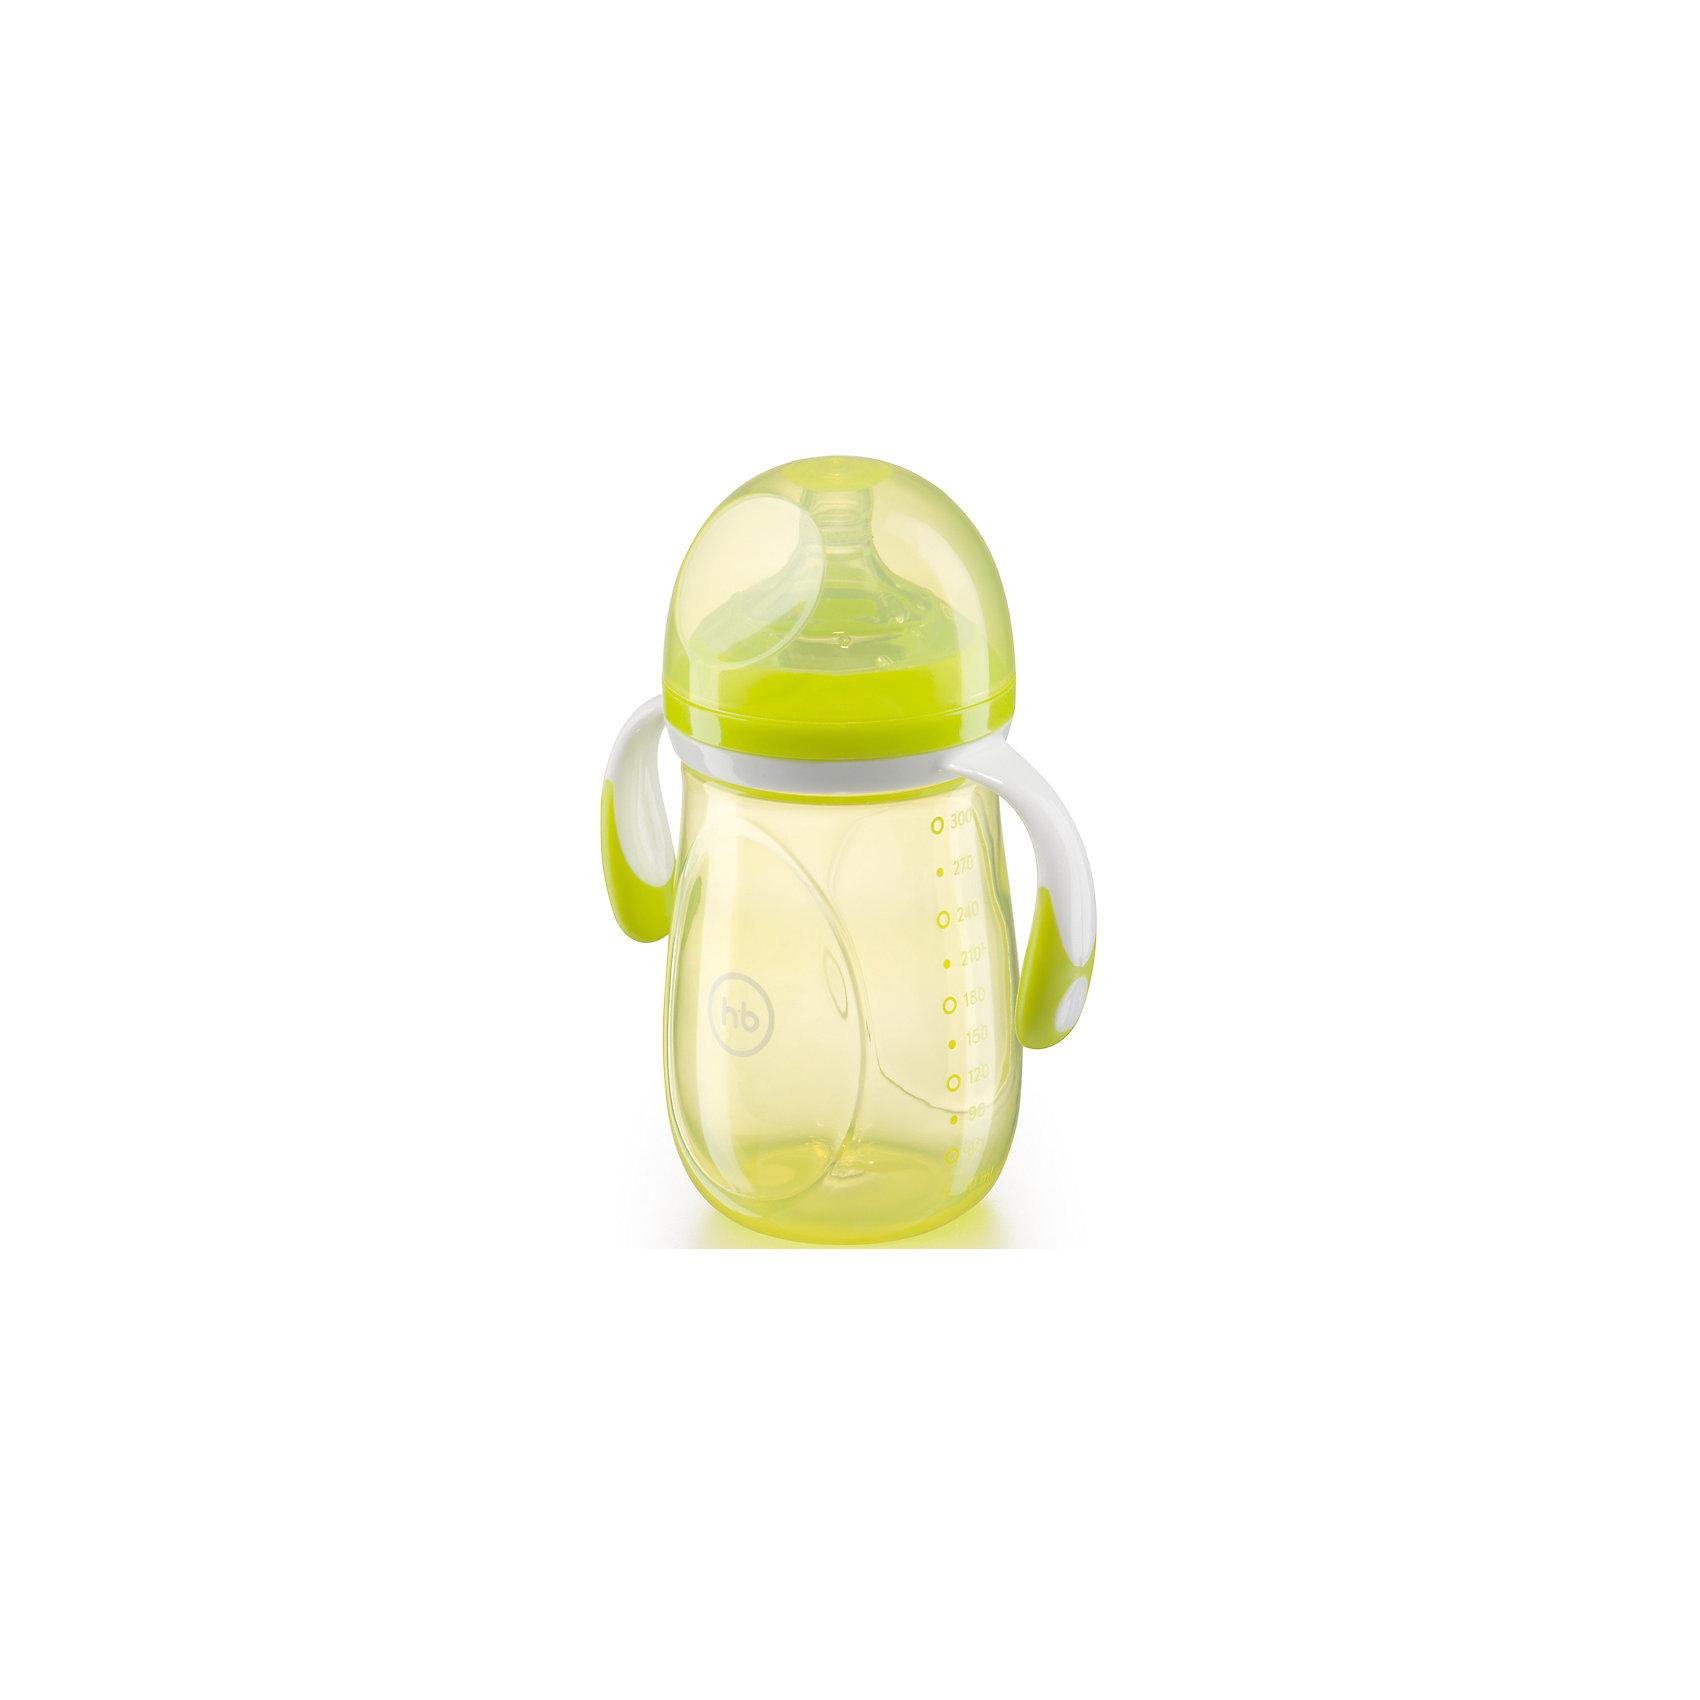 Бутылочка для кормления  c антиколиковой соской, 300 мл, Happy Baby, лайм300 - 380 мл.<br>Как известно, в первые несколько месяцев жизни малыша, его пищеварительная система может работать с перебоями. Она пытается приспособиться к новым непростым условиям. В результате кроха может страдать от повышенного газообразования, которое приводит к болезненным ощущениям и коликам в кишечнике. При этом ребенок может плакать, кричать и капризничать.  Бутылочка для кормления  c антиколиковой соской, 300 мл, Happy Baby, лайм позволяет бороться с образованием коликов у малышей в первые месяцы жизни и создаёт максимальный комфорт при кормлении. Благодаря соске с антиколиковыми клапанами, воздух не смешивается со смесью и выходит через клапаны, что препятствует повышенному газообразованию и вздутию животика. Естественная физиологичная форма мягкой силиконовой соски позволяет ребенку захватывать её широко раскрытым ртом также, как и грудь мамы, что способствует сохранению грудного вскармливания. <br>Бутылочка имеет съемные ручки с антискользящим покрытием, удобную шкалу с делениями в 30мл, комплектуется соской с медленным потоком, а удобная форма позволяет прочно удерживать её в руке. <br><br>Дополнительная информация:<br><br>-  широкое горло<br>-  медленный поток<br> - антиколиковая силиконовая соска<br> - съемные ручки с антискользящим покрытие<br> - удобная форма для прочного удерживания в руке<br>- герметичная крышка<br>- шкала с делением в 30 мл.<br>- возраст ребенка: от 0 месяцев<br>- материал полипропилен, силикон, эластомер<br><br>Бутылочку  для кормления с антиколиковой соской, 300 мл, Happy Baby, лайм можно купить в нашем интернет- магазине<br><br>Ширина мм: 70<br>Глубина мм: 125<br>Высота мм: 210<br>Вес г: 123<br>Возраст от месяцев: 0<br>Возраст до месяцев: 12<br>Пол: Унисекс<br>Возраст: Детский<br>SKU: 4696787